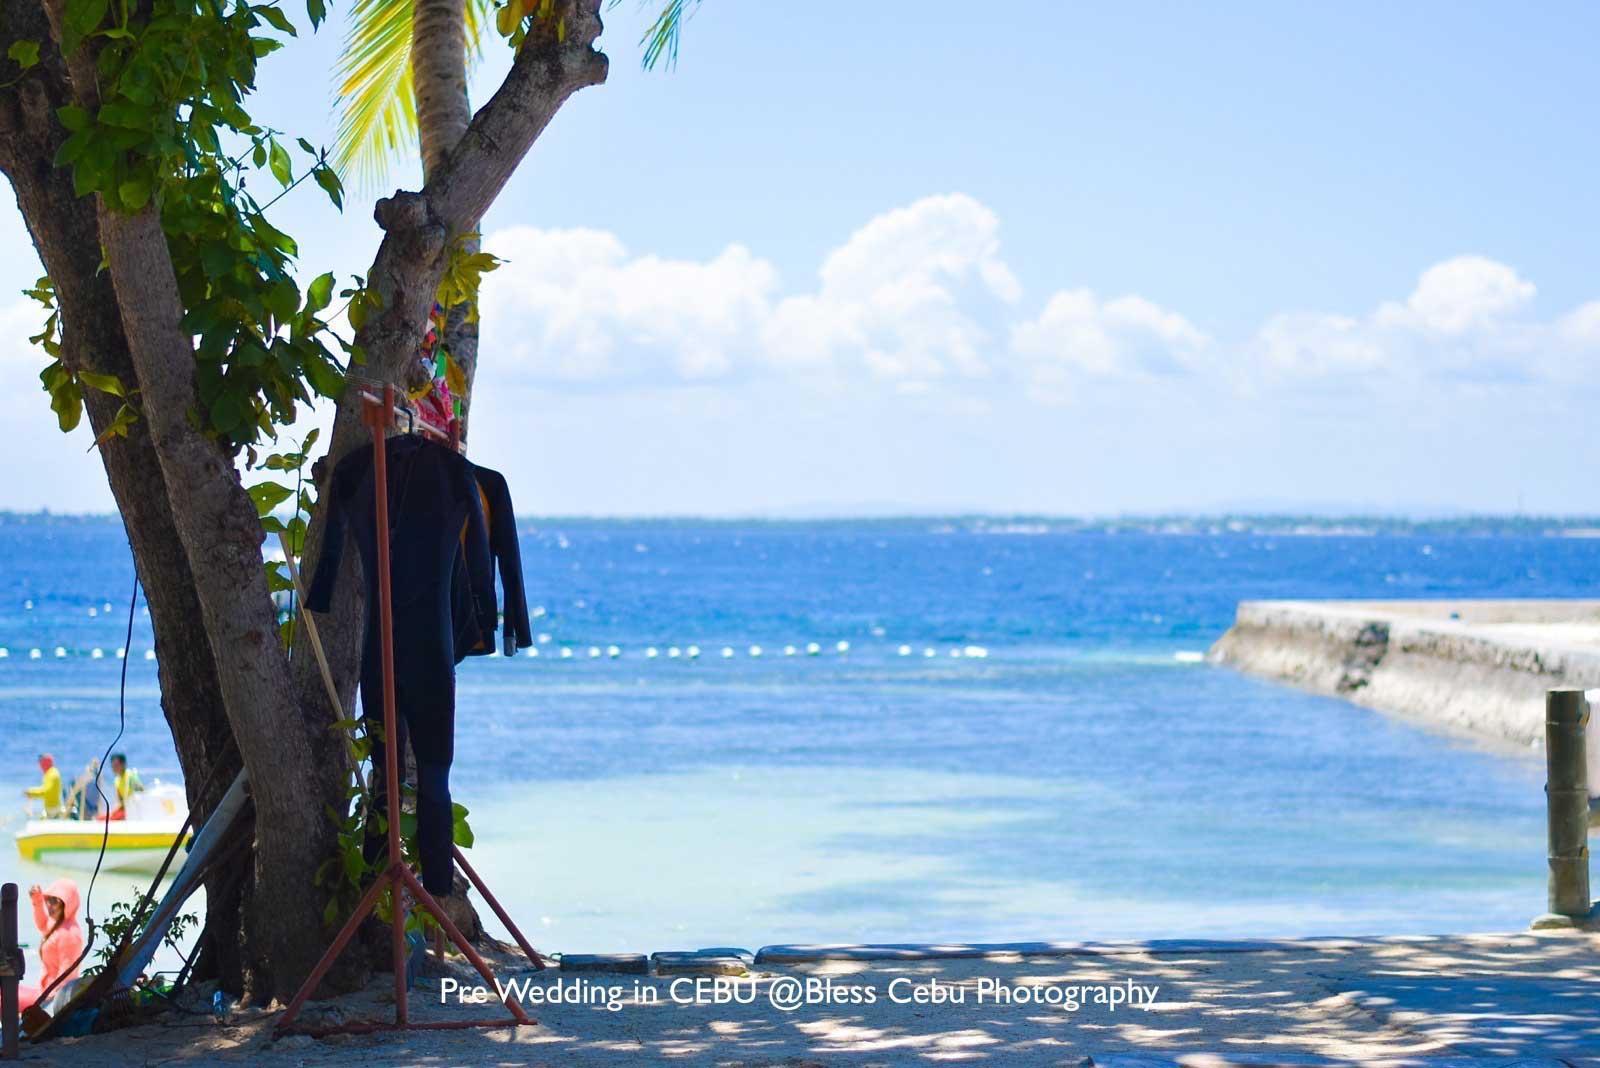 撮影ロケーションのひとつ、Tambii Beach